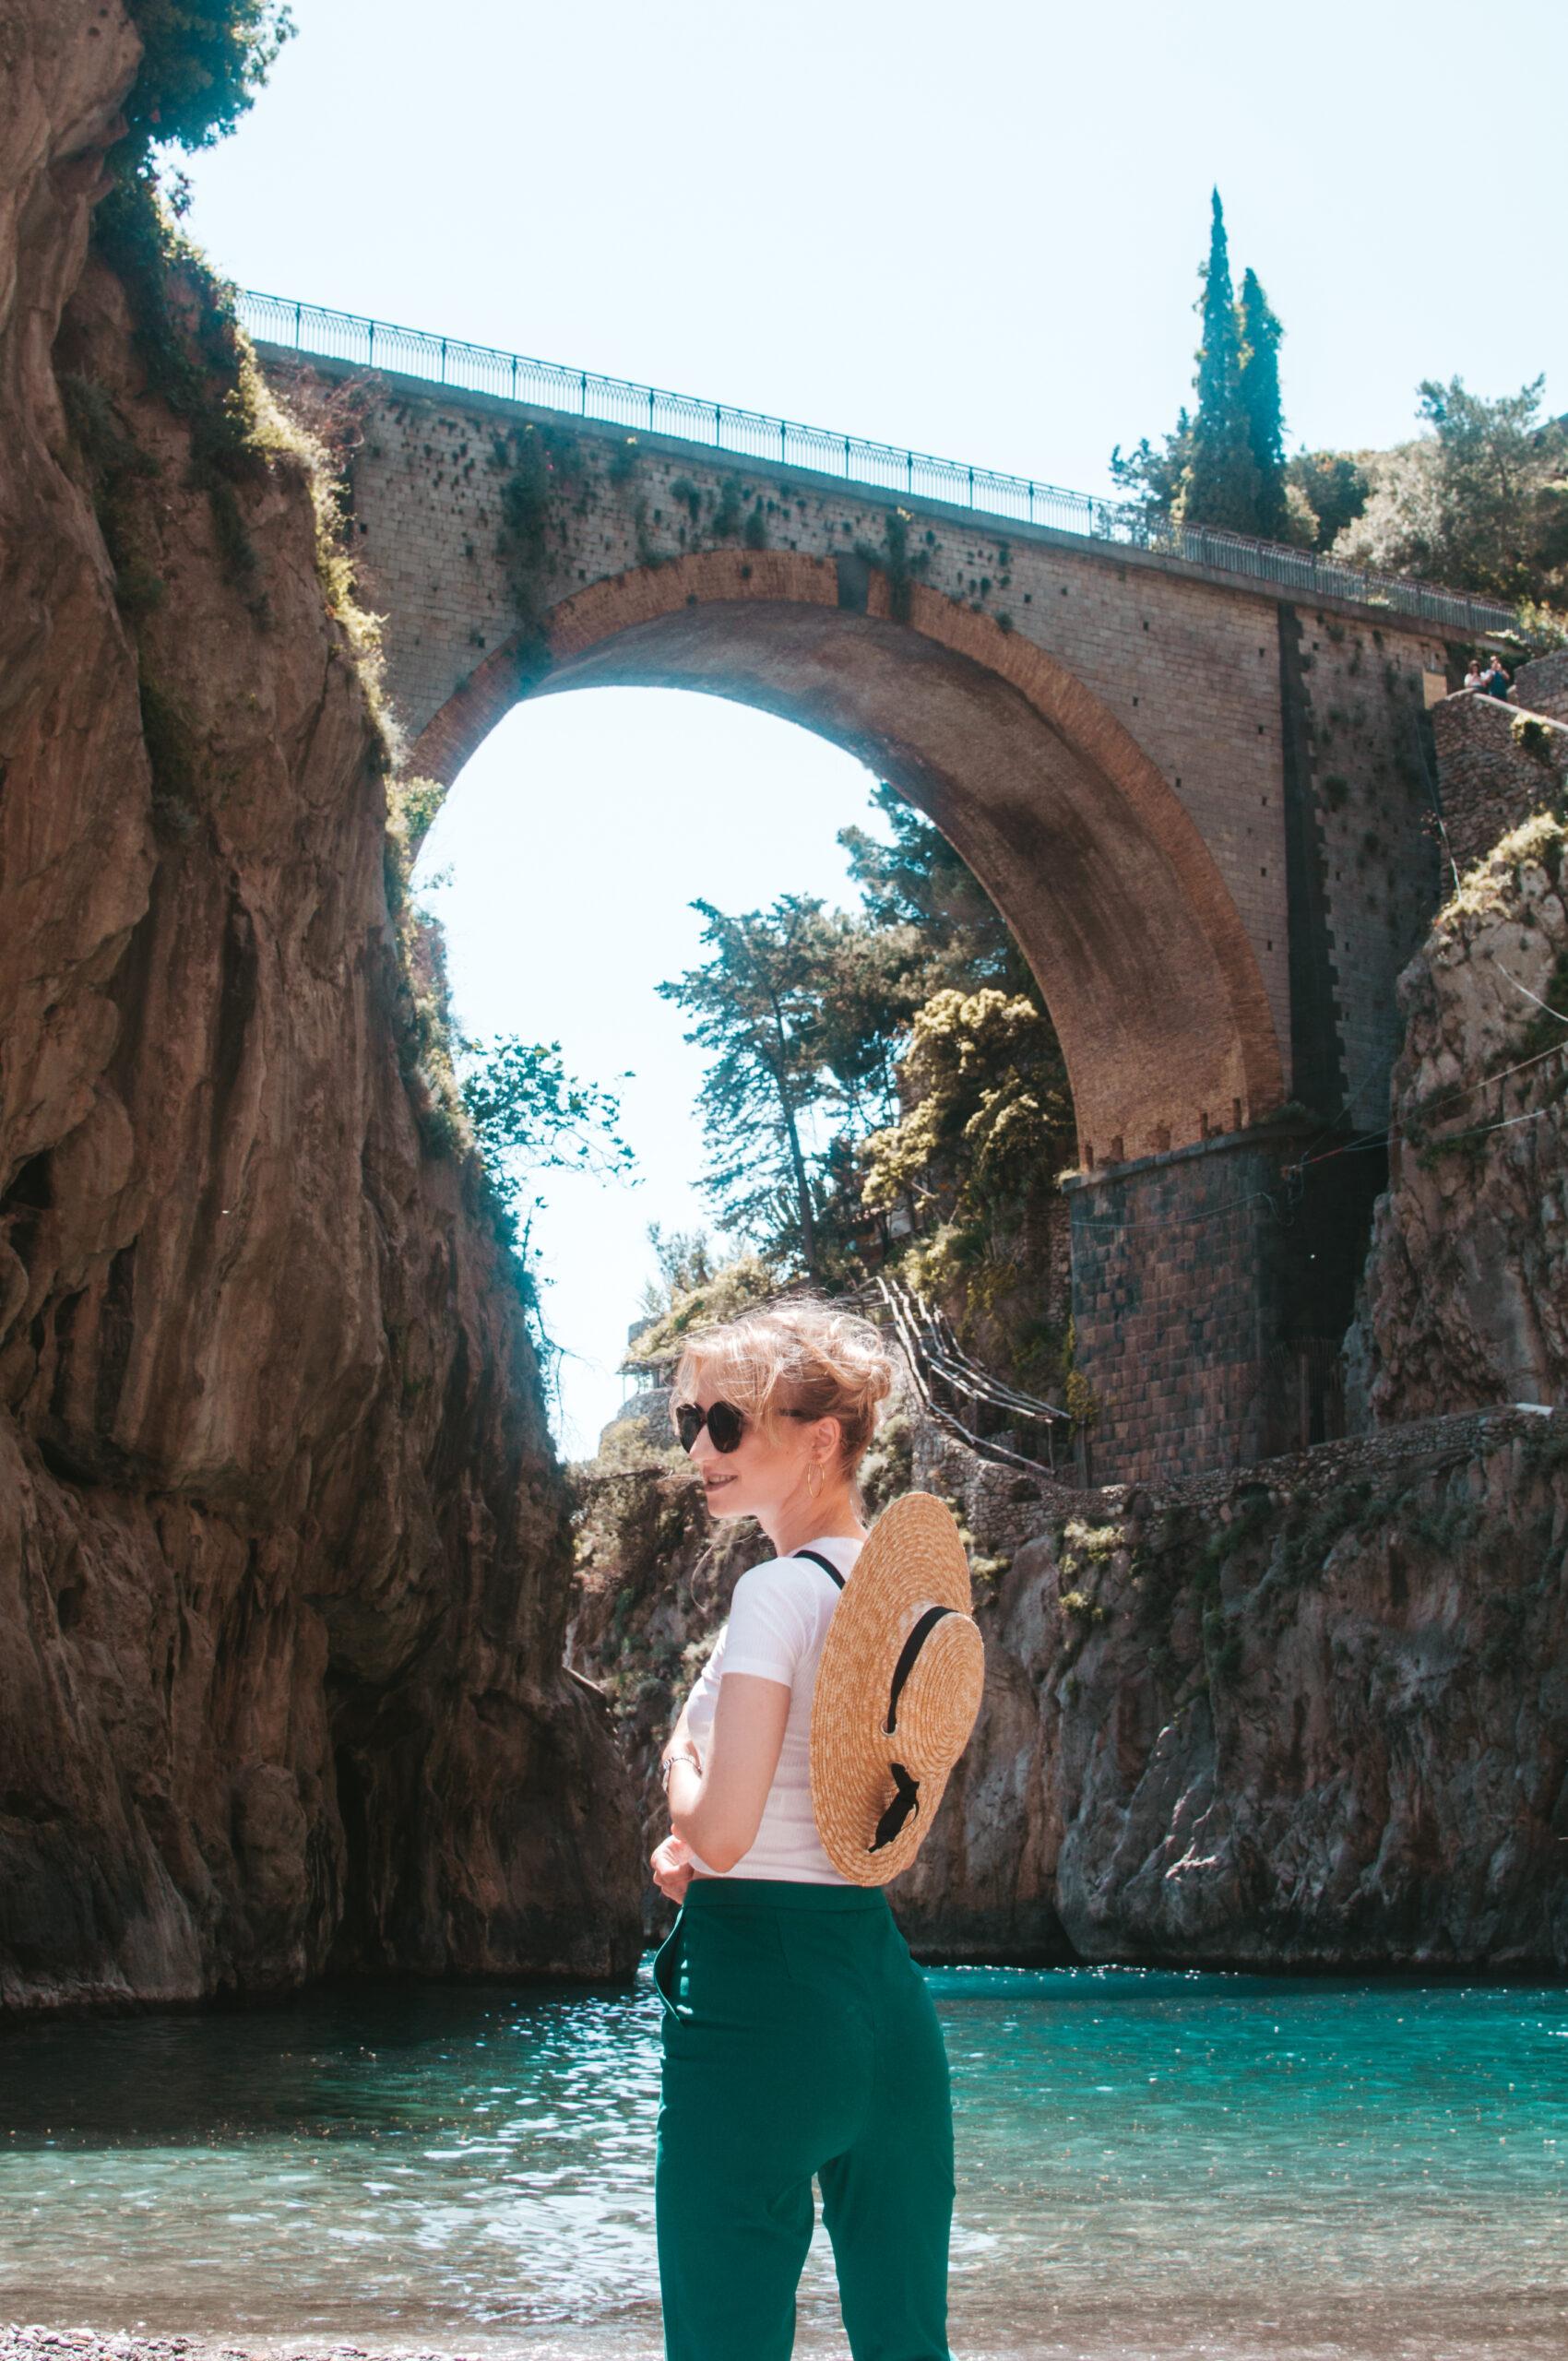 Furore, Fiordo di furore, Włochy, blog podrozniczy, instagram places amalfi coast